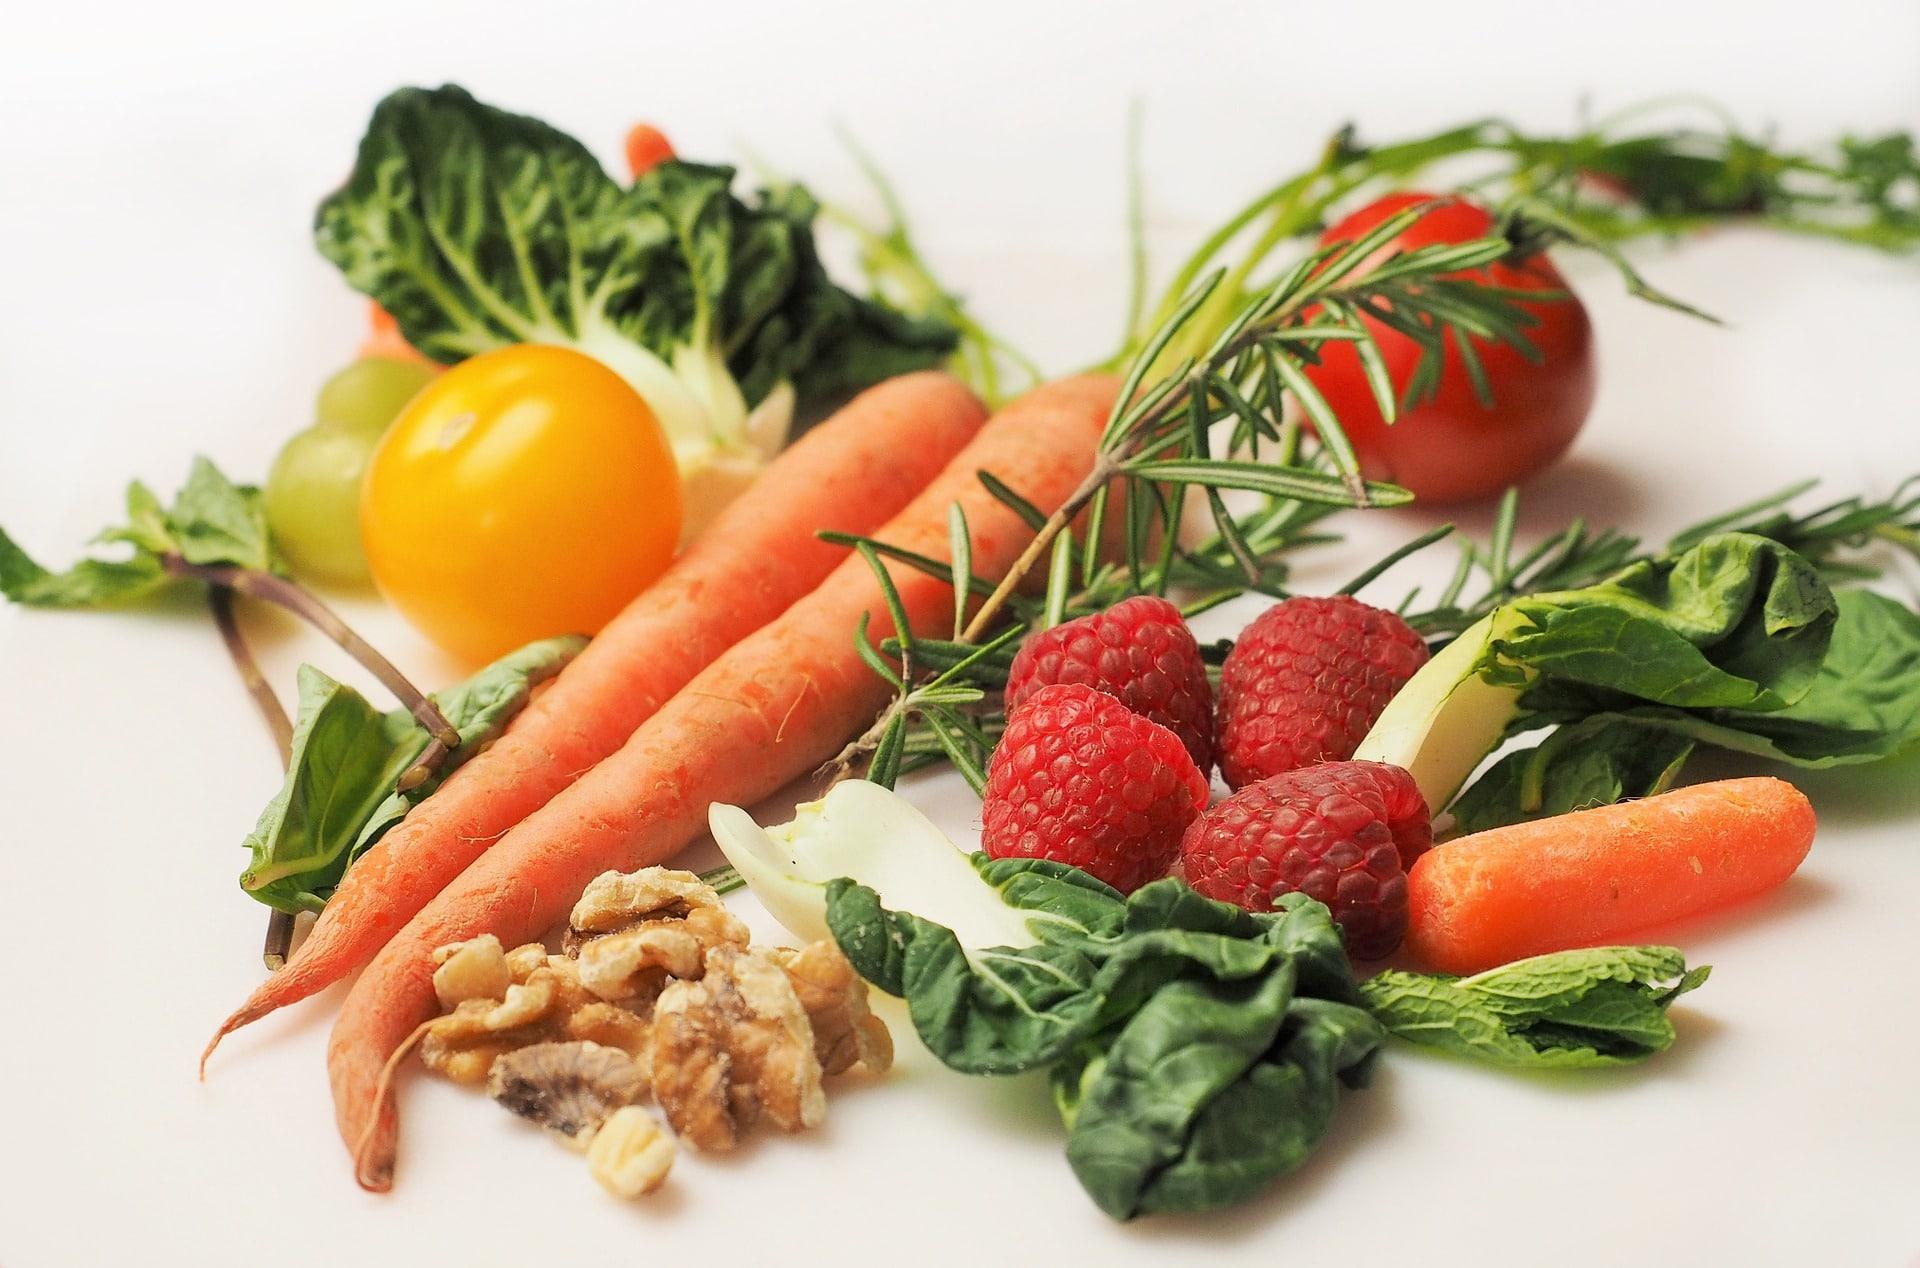 Pestrá strava je důležitá nejen pro vás, ale i pro správný vývoj dítěte / foto: pixabay.com